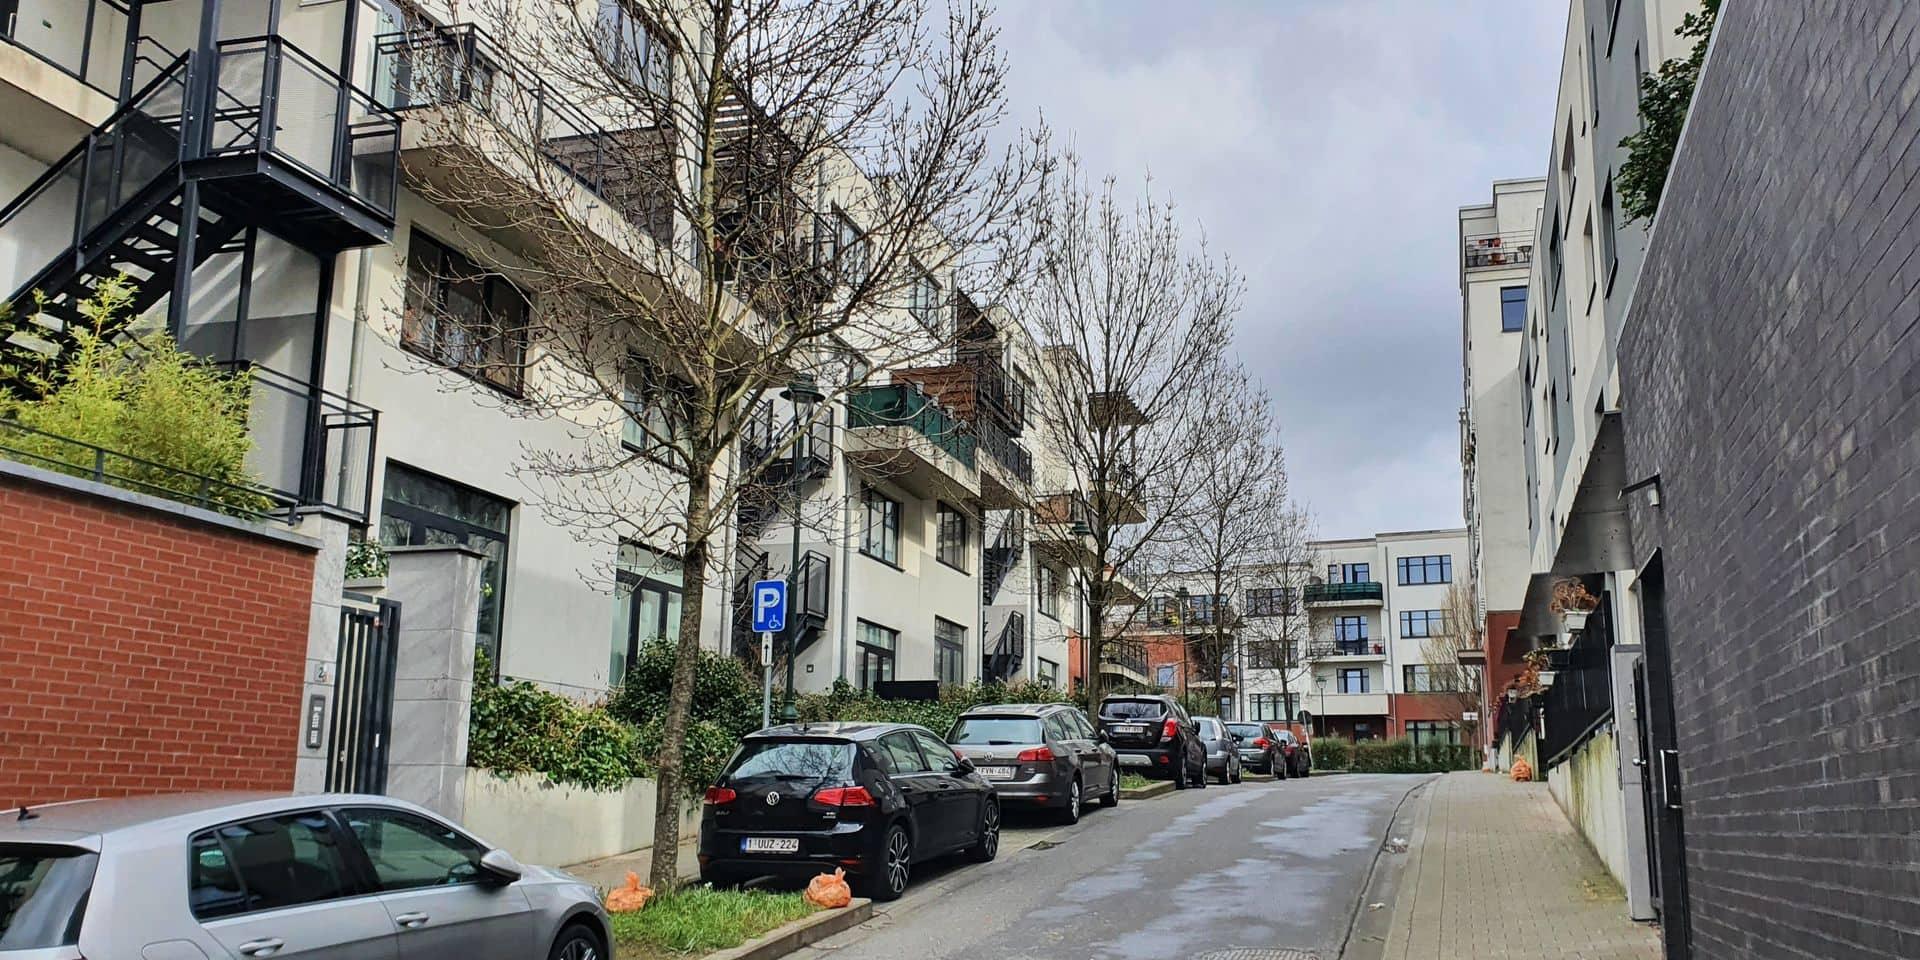 Plusieurs quartiers neufs redessinent le centre de la commune, comme, ici, rue Hippolyte Vervack, en direction de la rue Toots Thielemans.